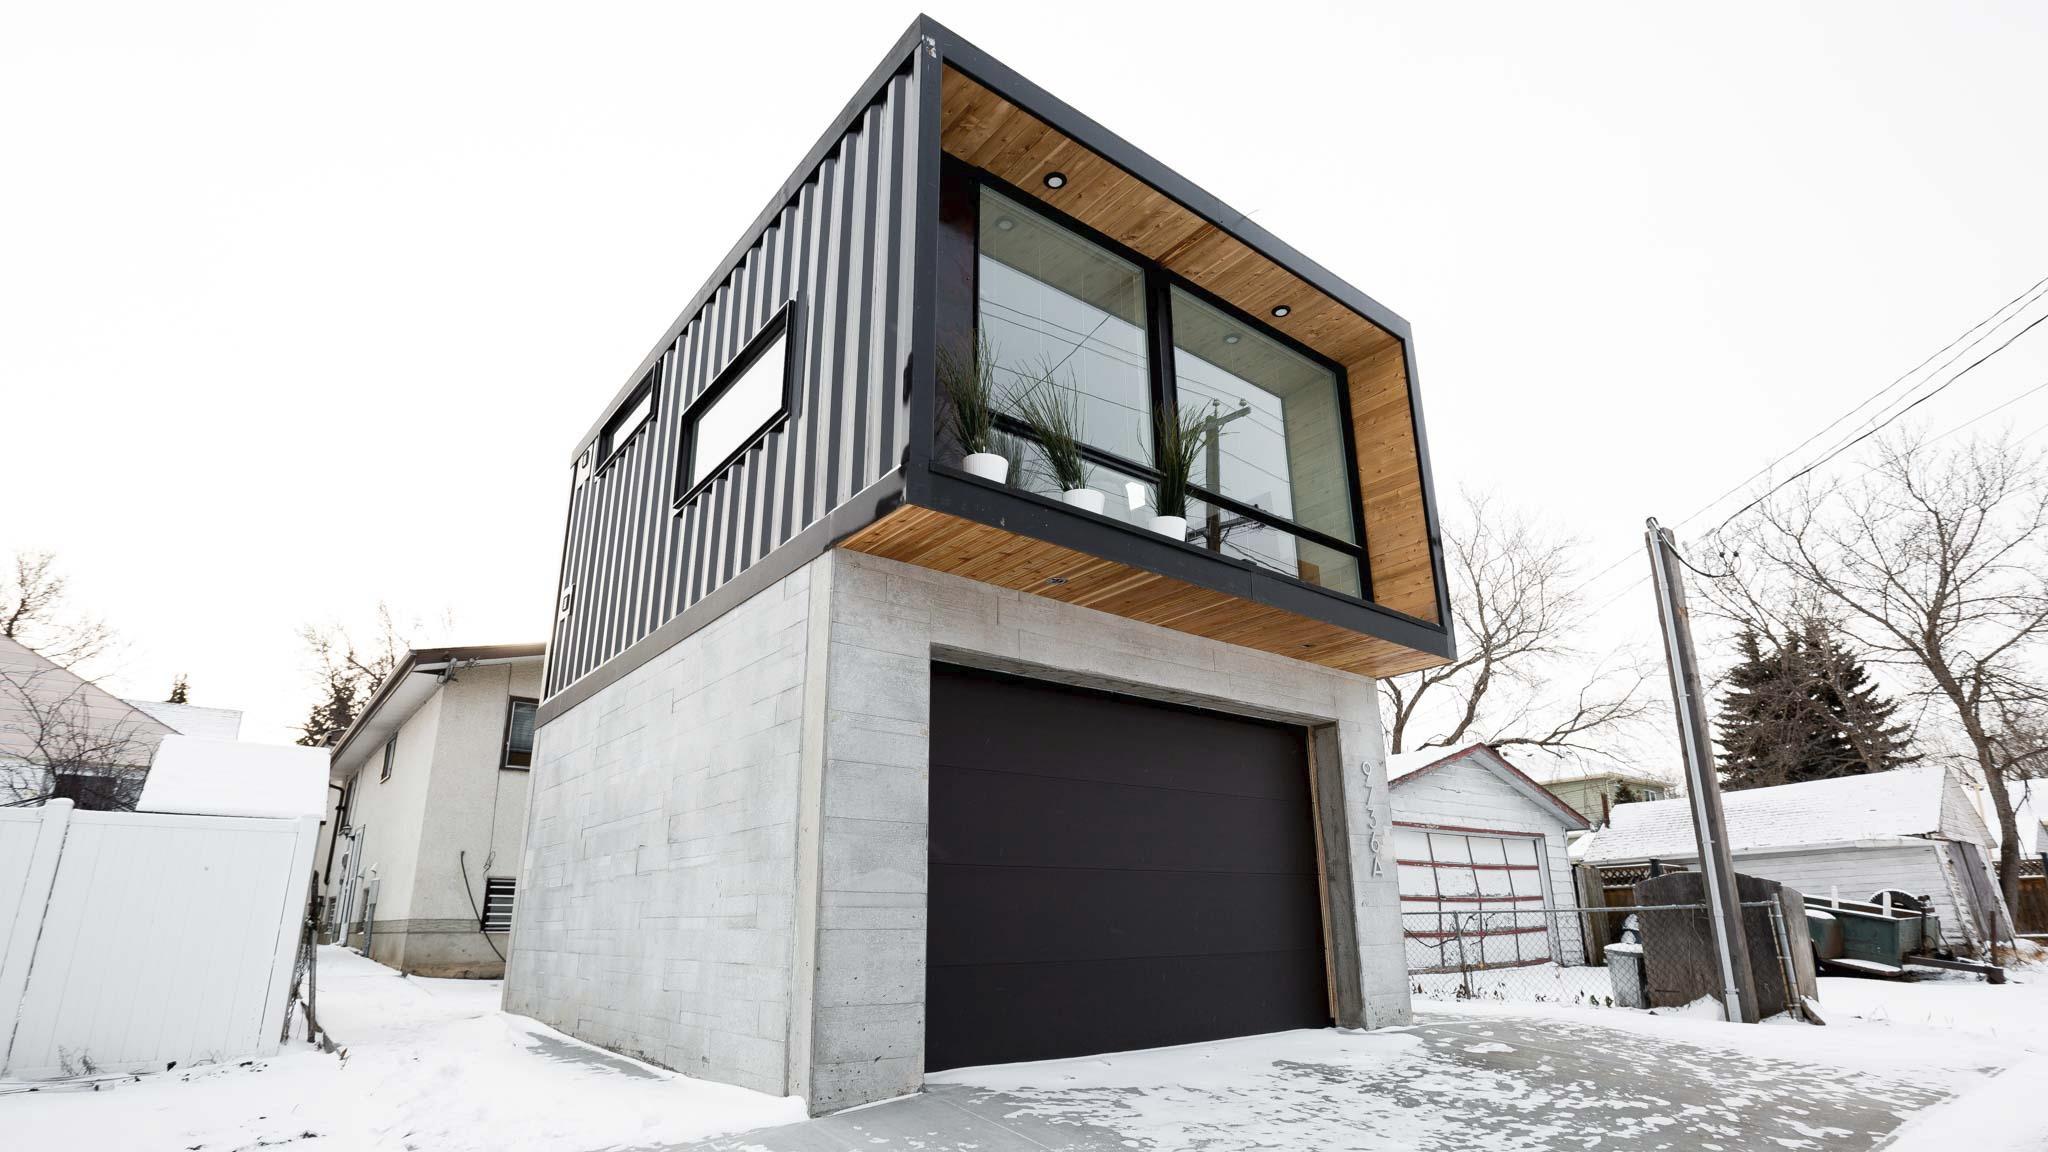 H02 Honomobo. Dream house - lucian | ello